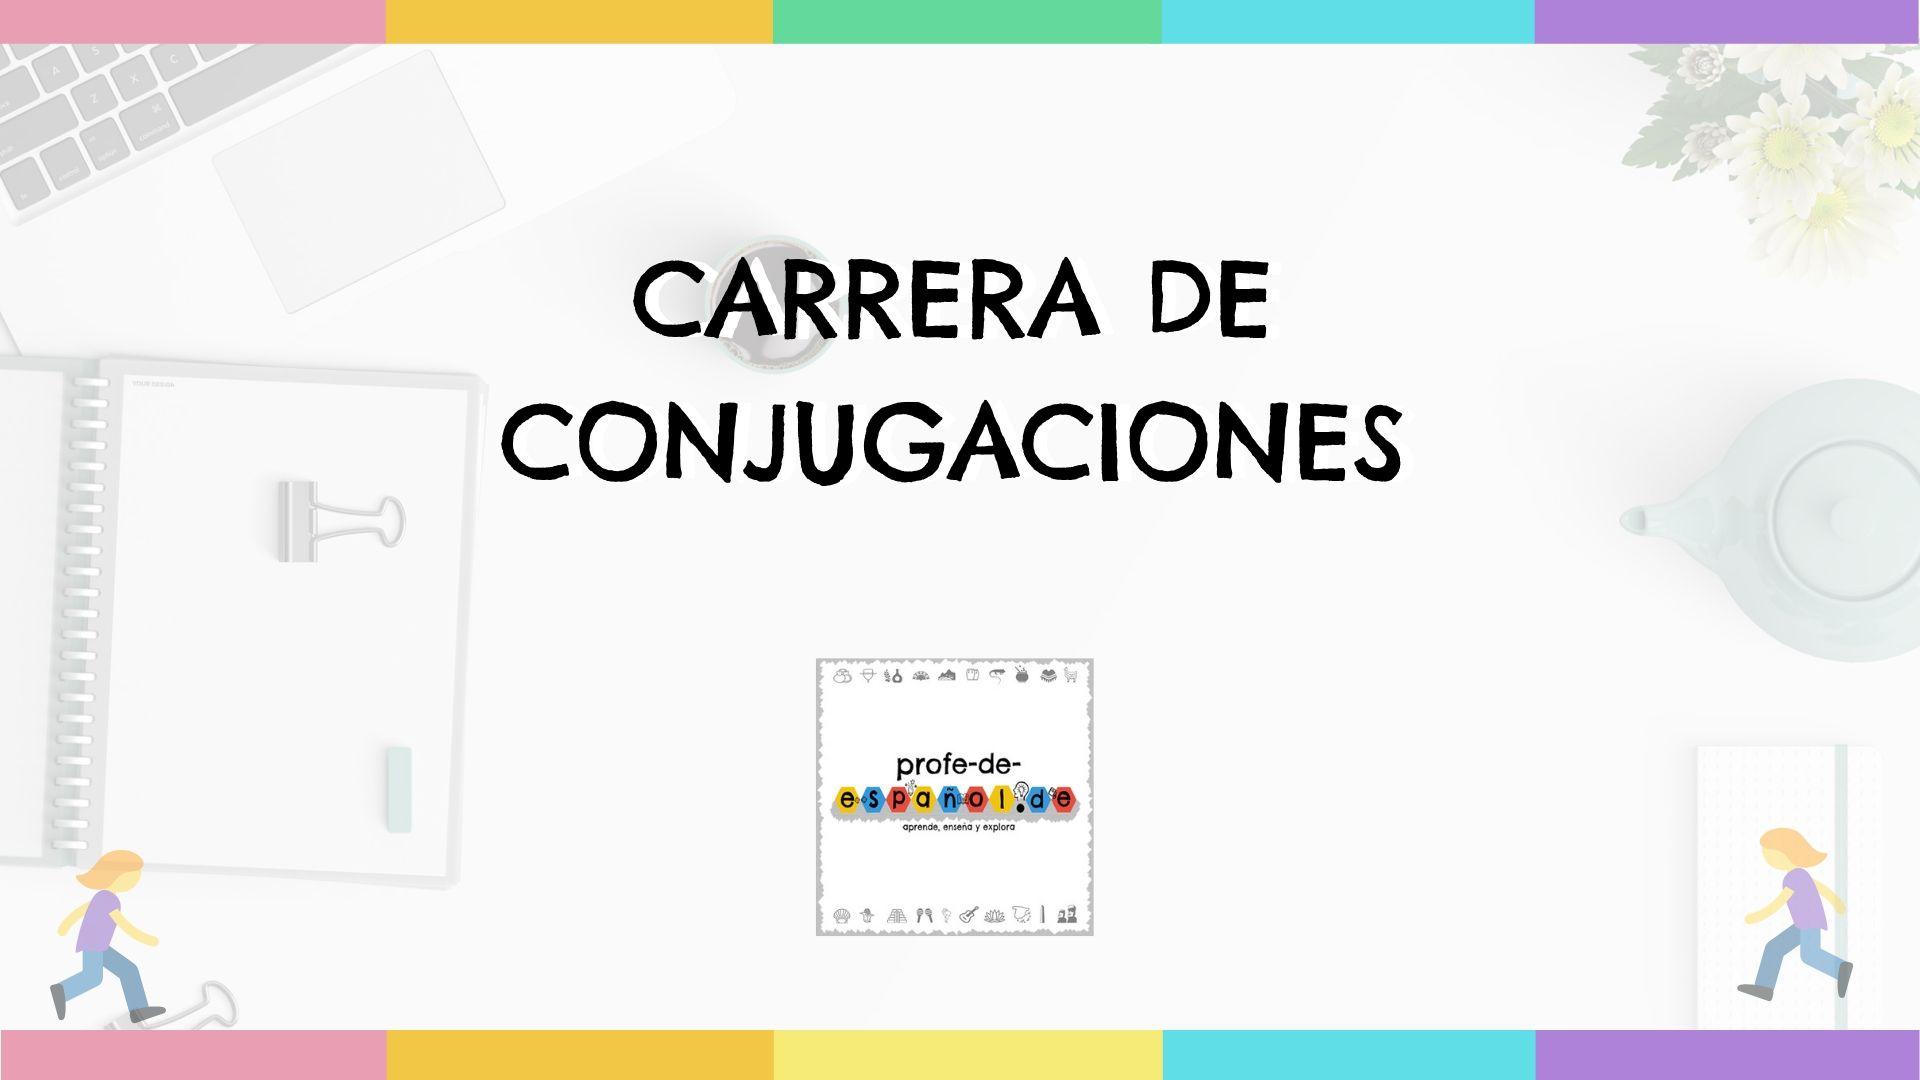 CARRERA DE CONJUGACIONES